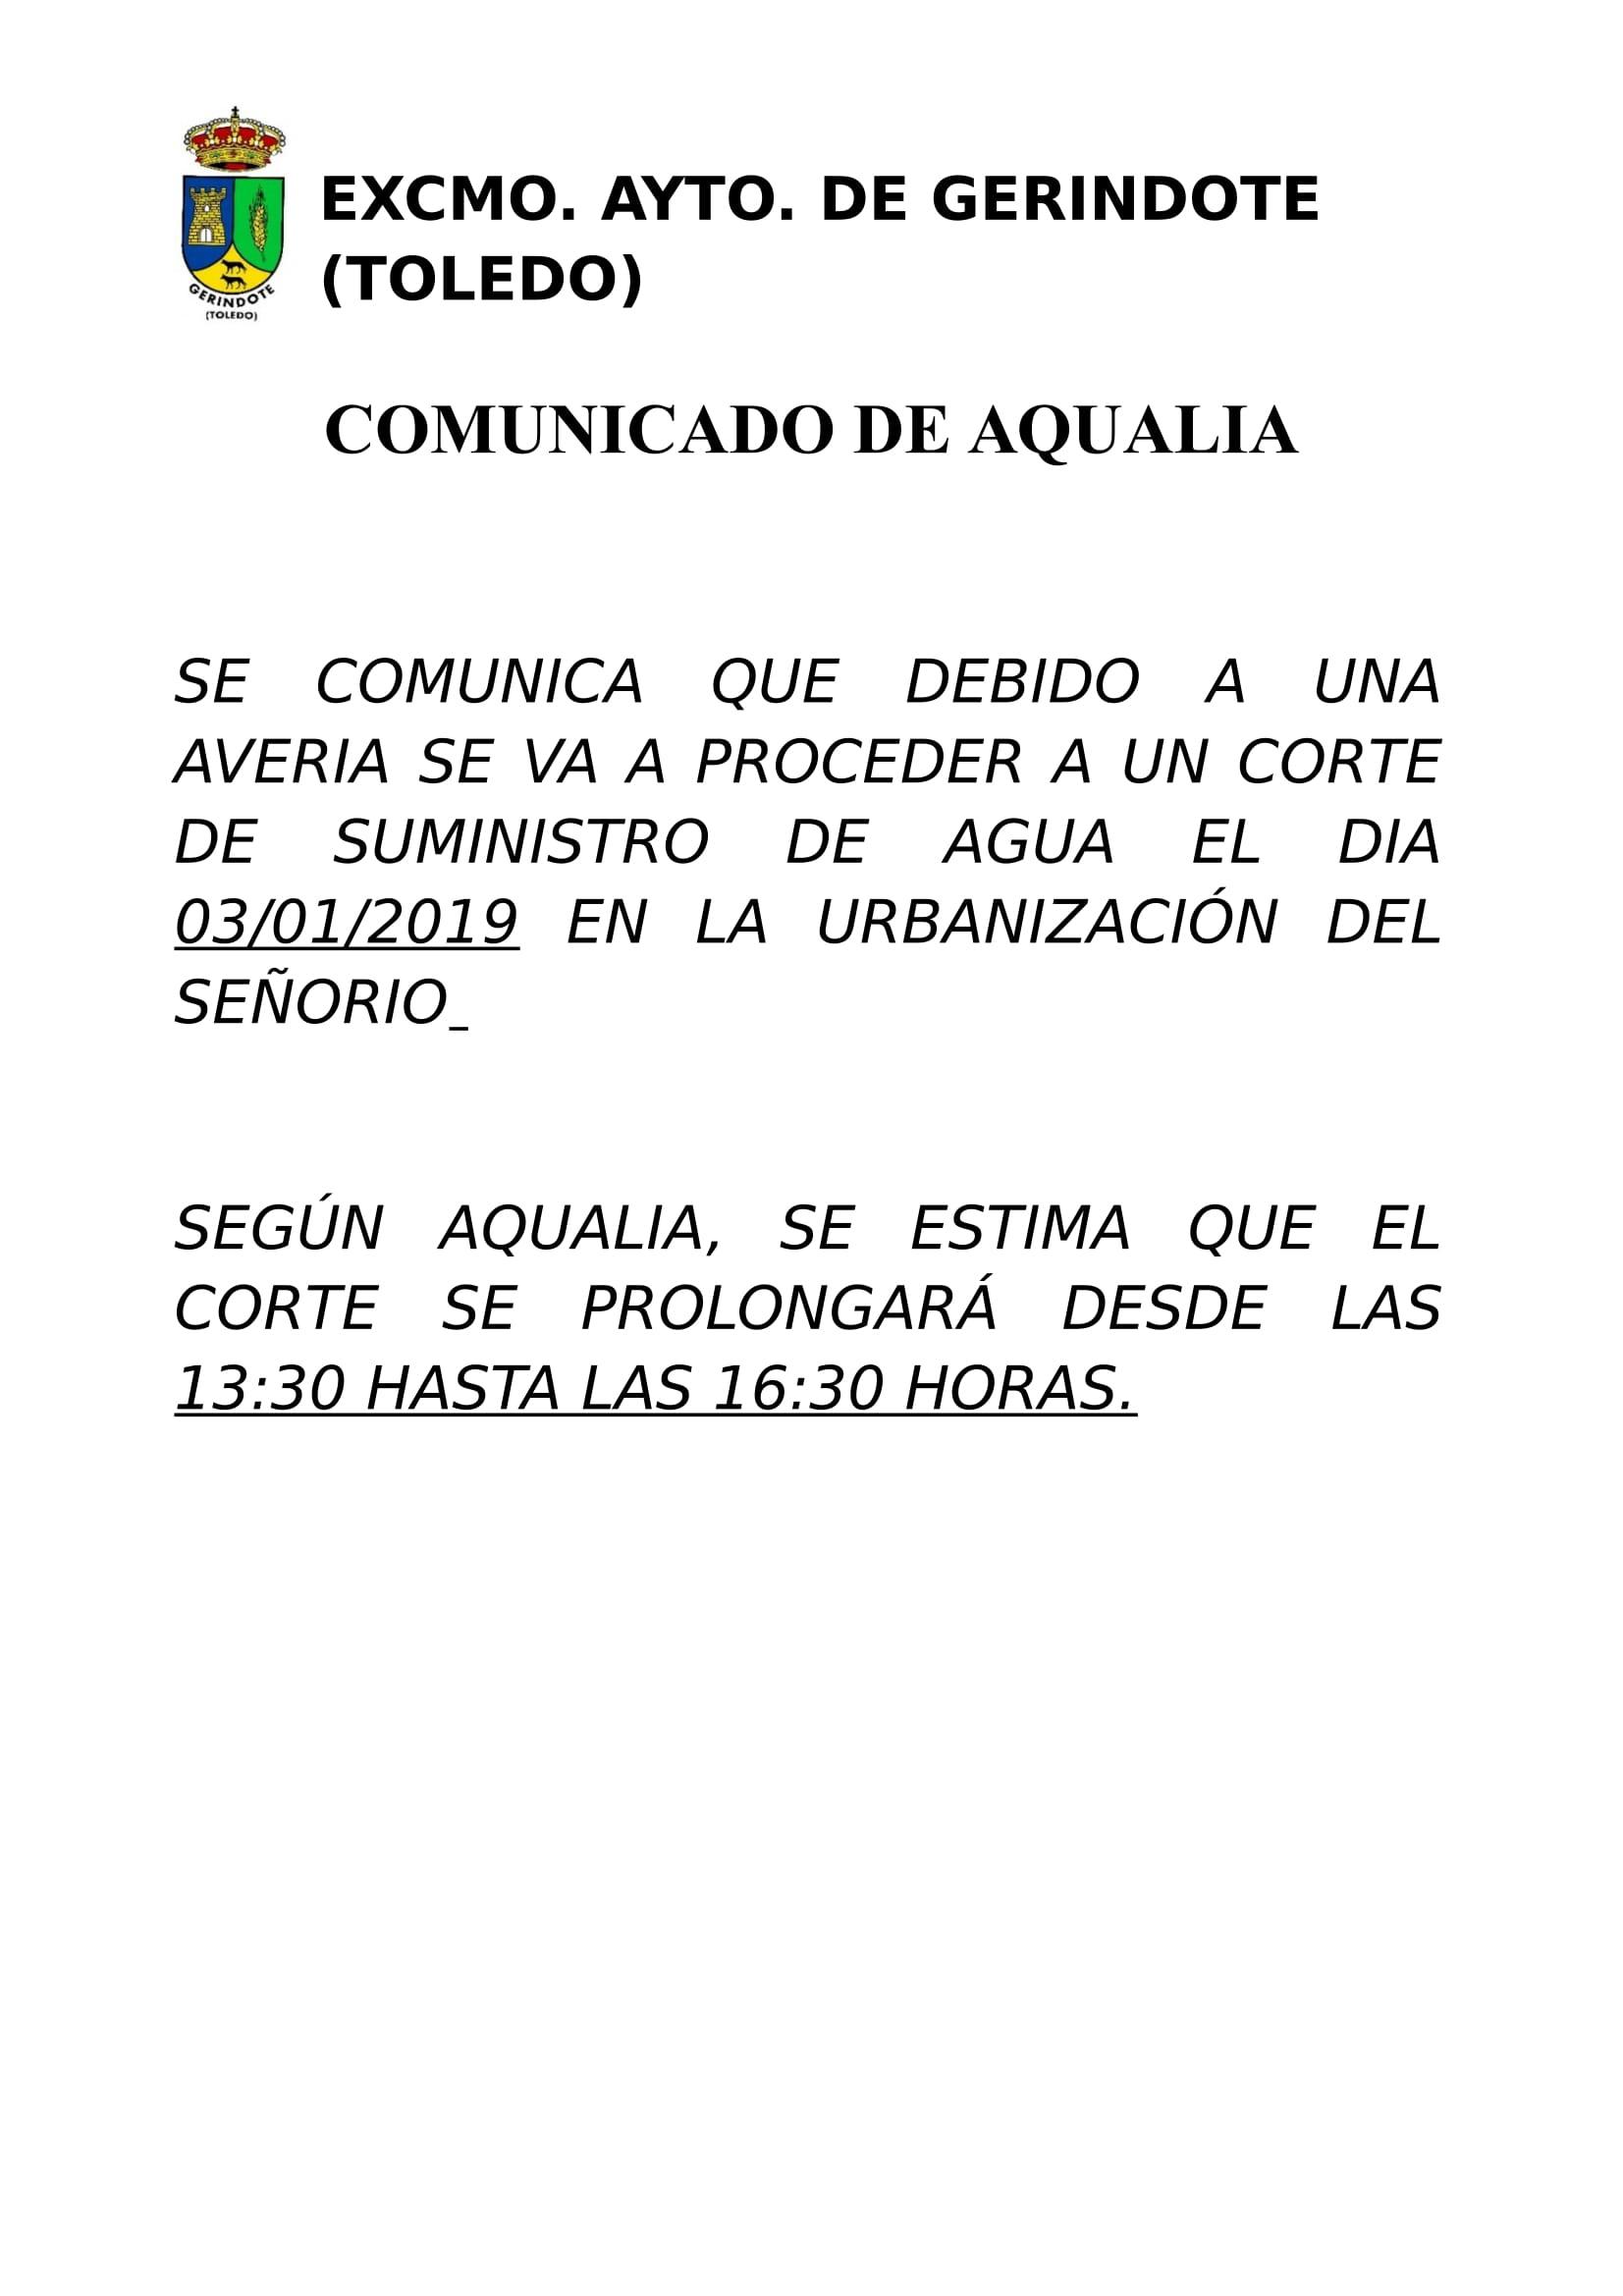 CORTE SUMINISTRO AGUA SEÑORIO-1.jpg